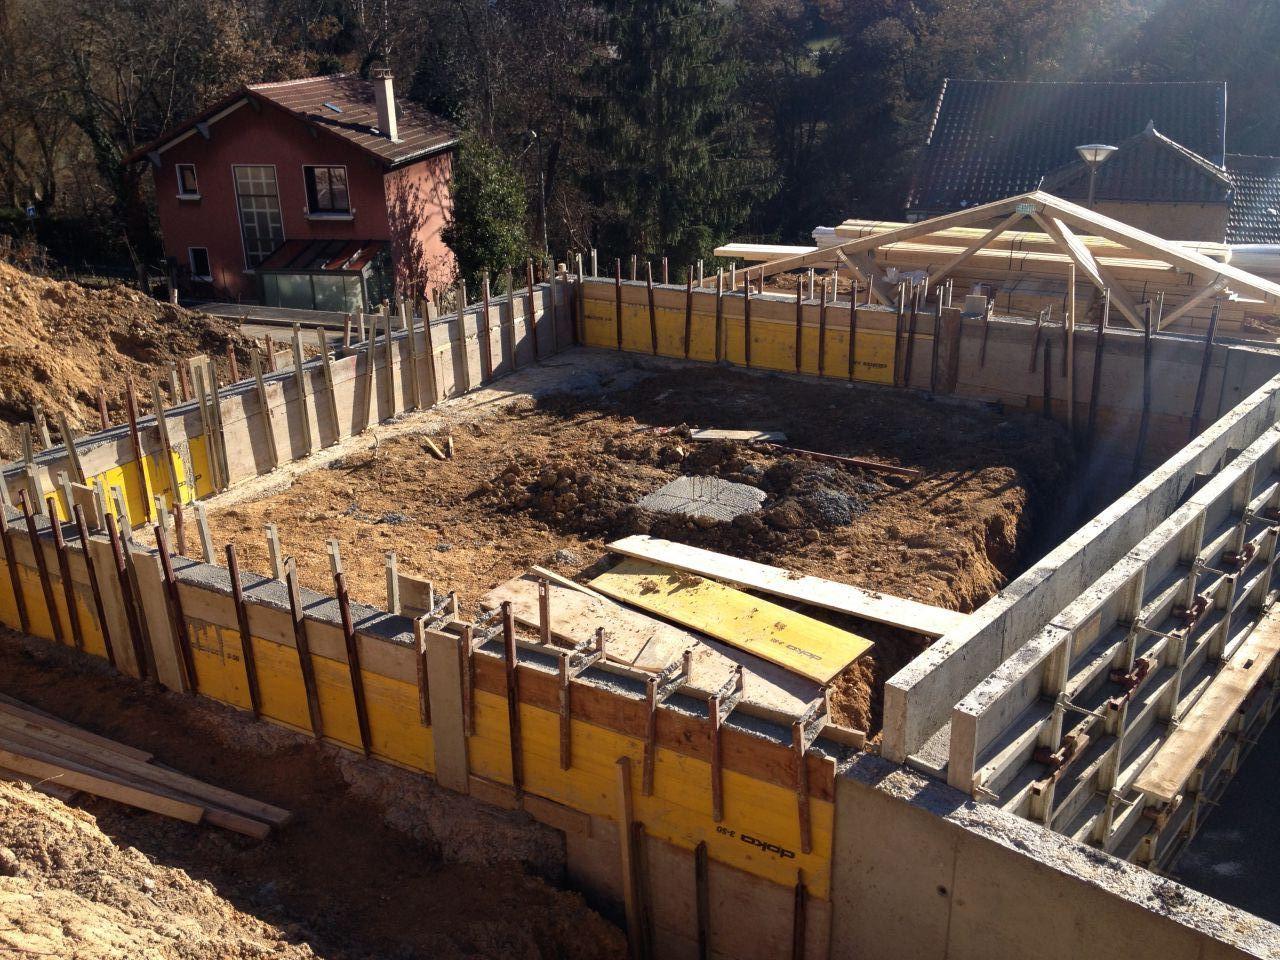 L'élevation du vide sanitaire avec au milieu le poteau porteur du plancher.